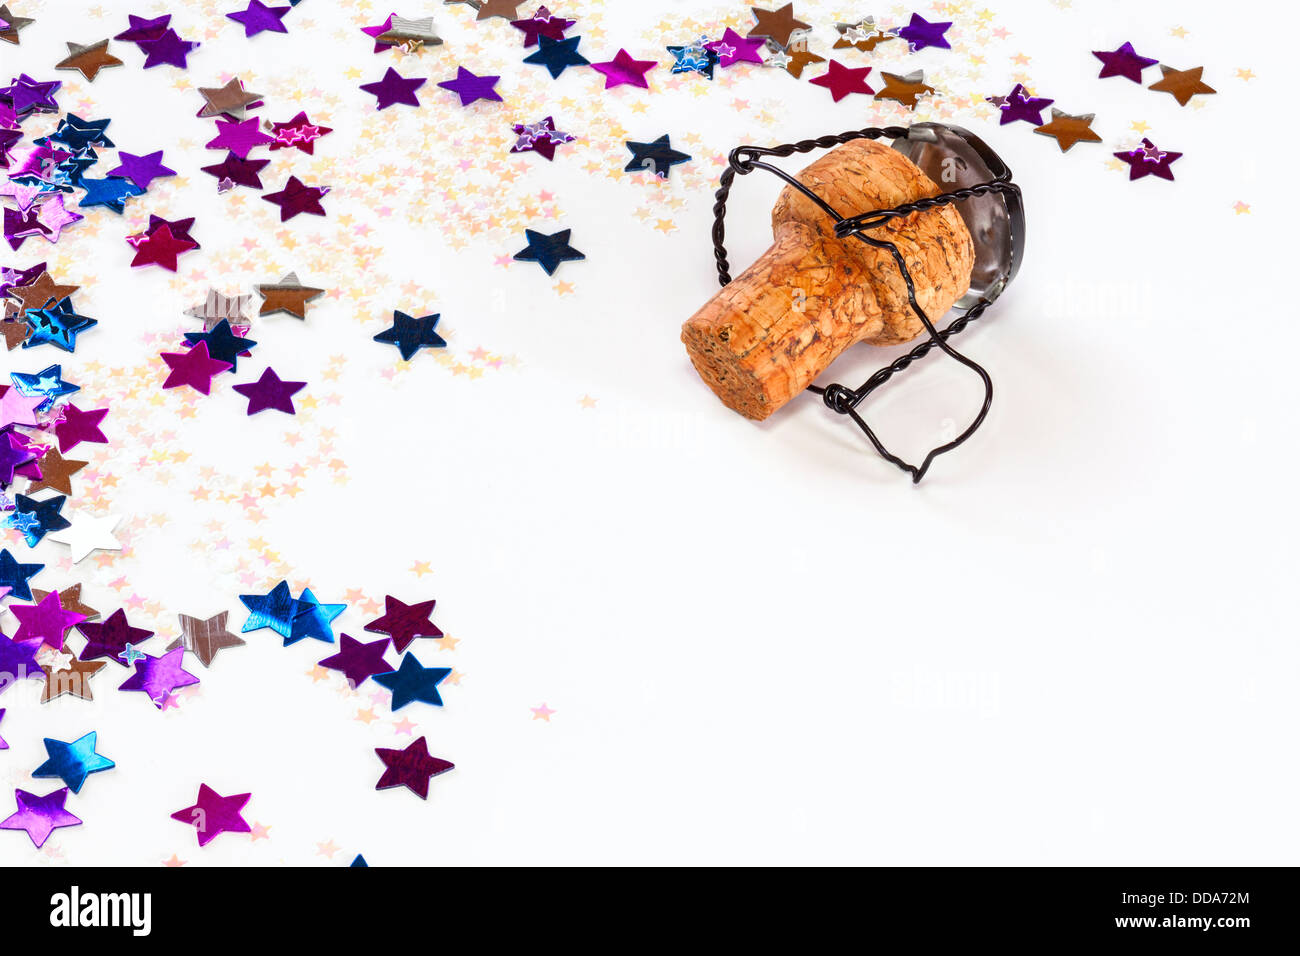 Tappo dello Champagne e coriandoli - champagne con i confetti o glitter su sfondo bianco con copia spazio. Immagini Stock